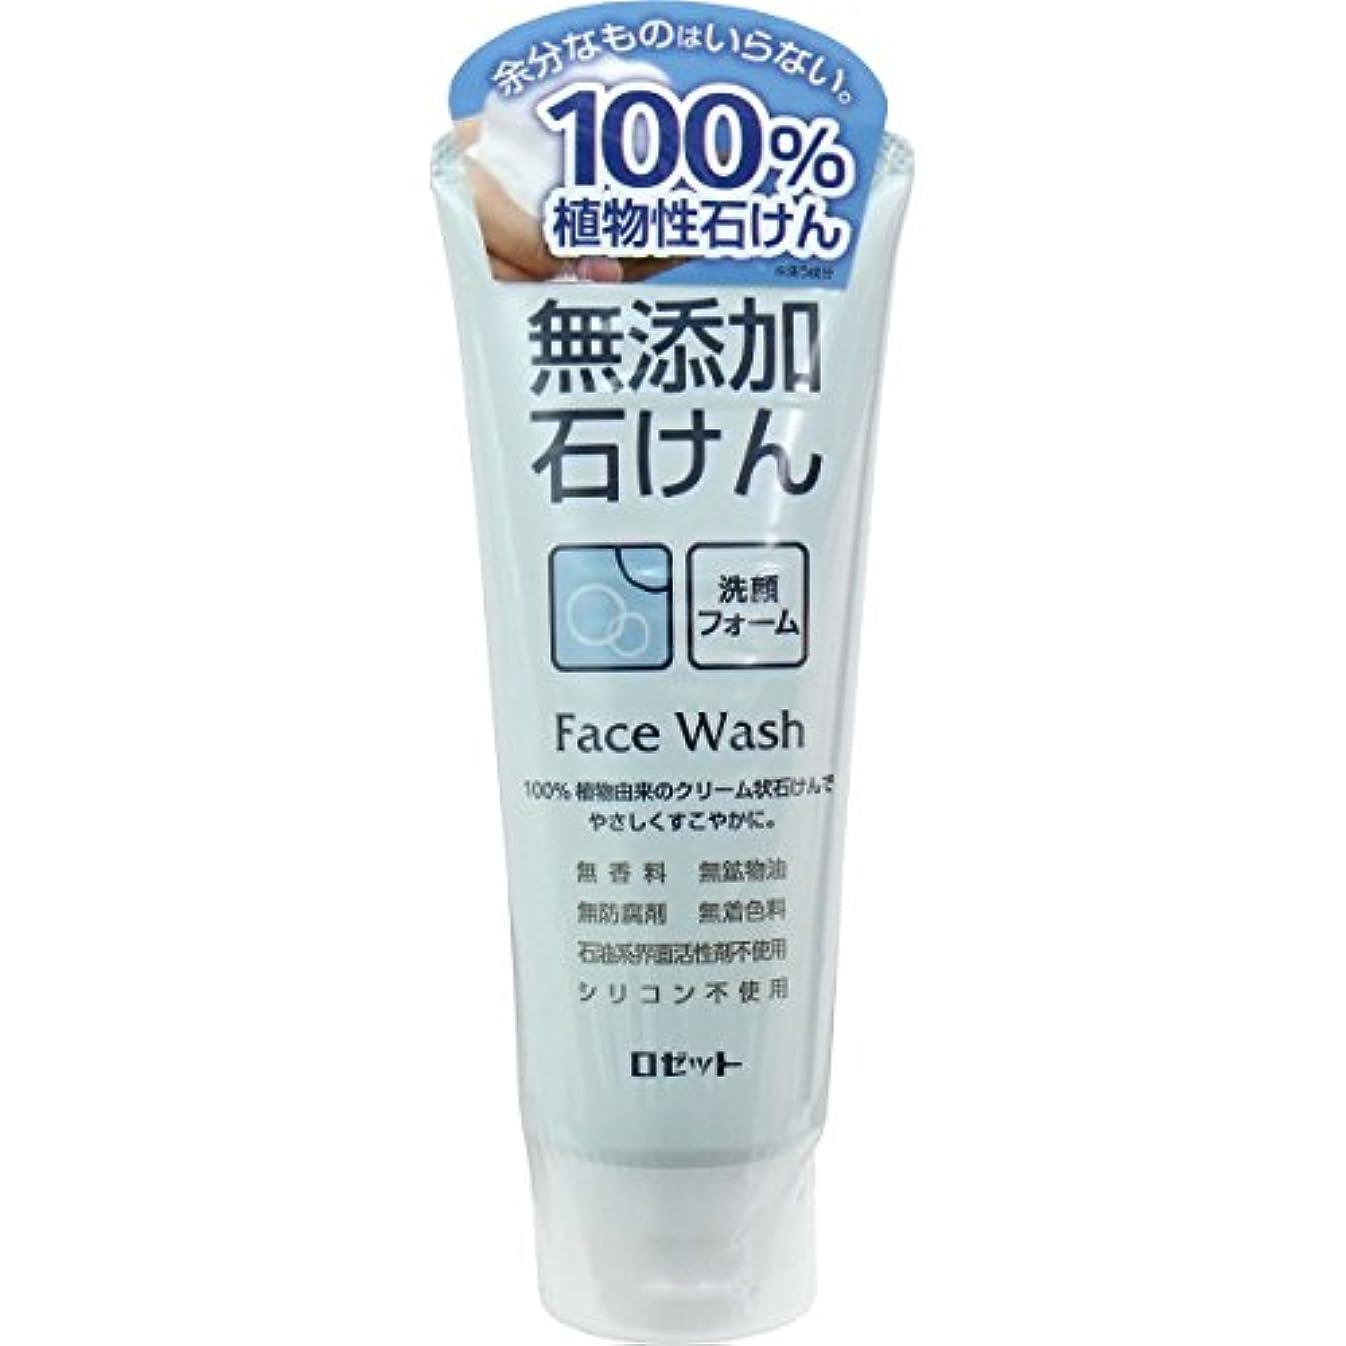 入学する基本的な値する【ロゼット】無添加石けん 洗顔フォーム 140g ×20個セット